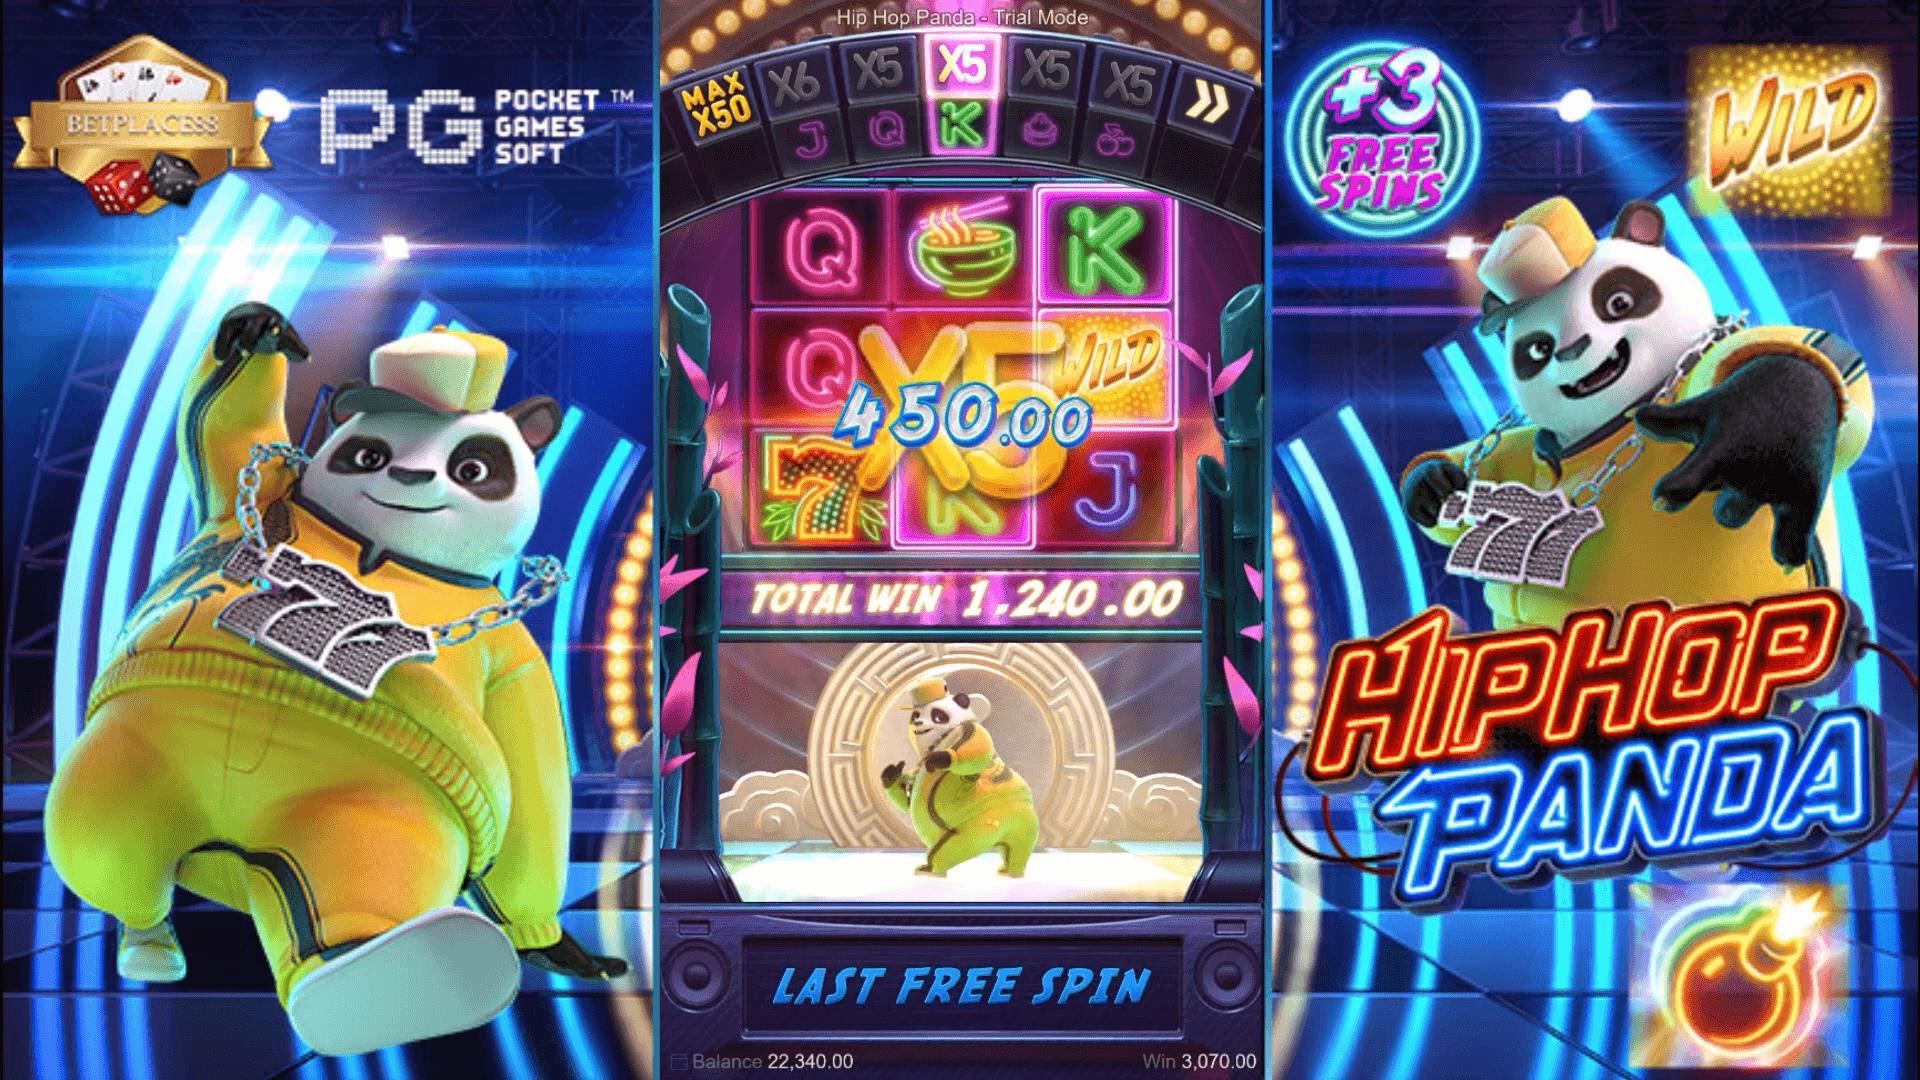 พนันเกมส์ออนไลน์ HIPHOP PANDA เล่นสล็อตบนเว็บพนันออนไลน์ SBOBET